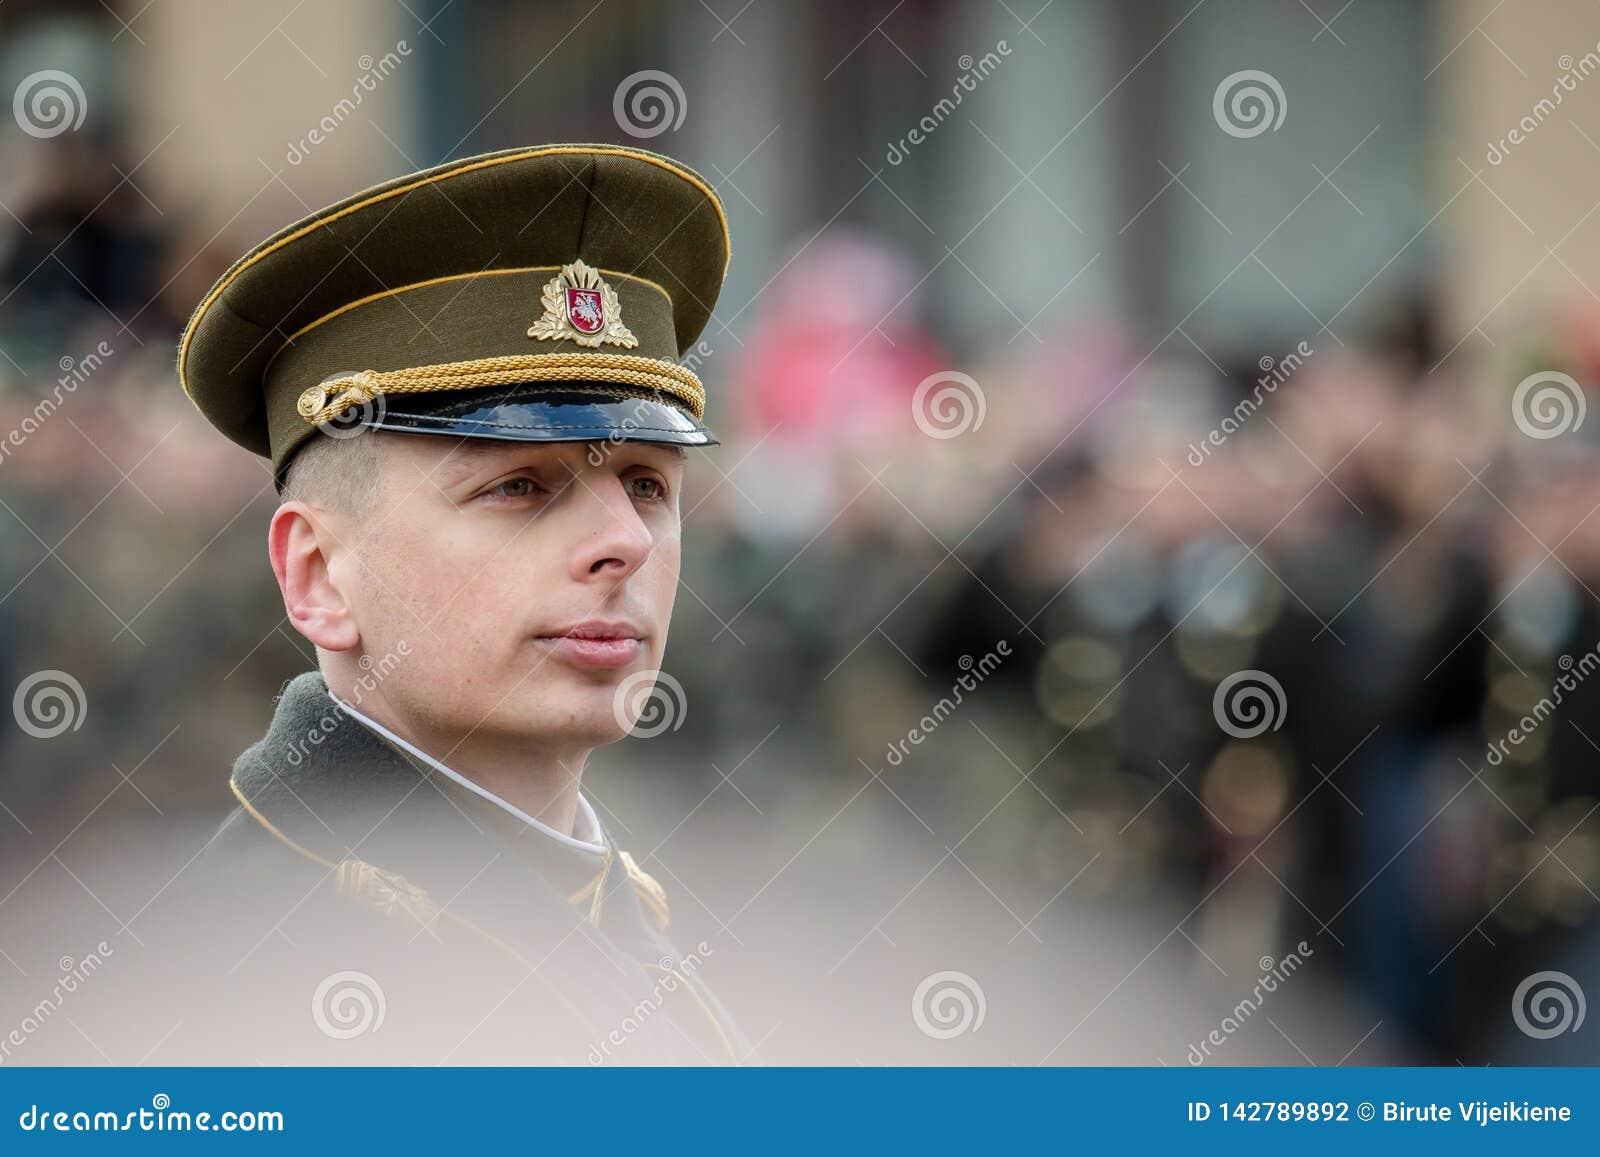 День восстановления независимости Литвы